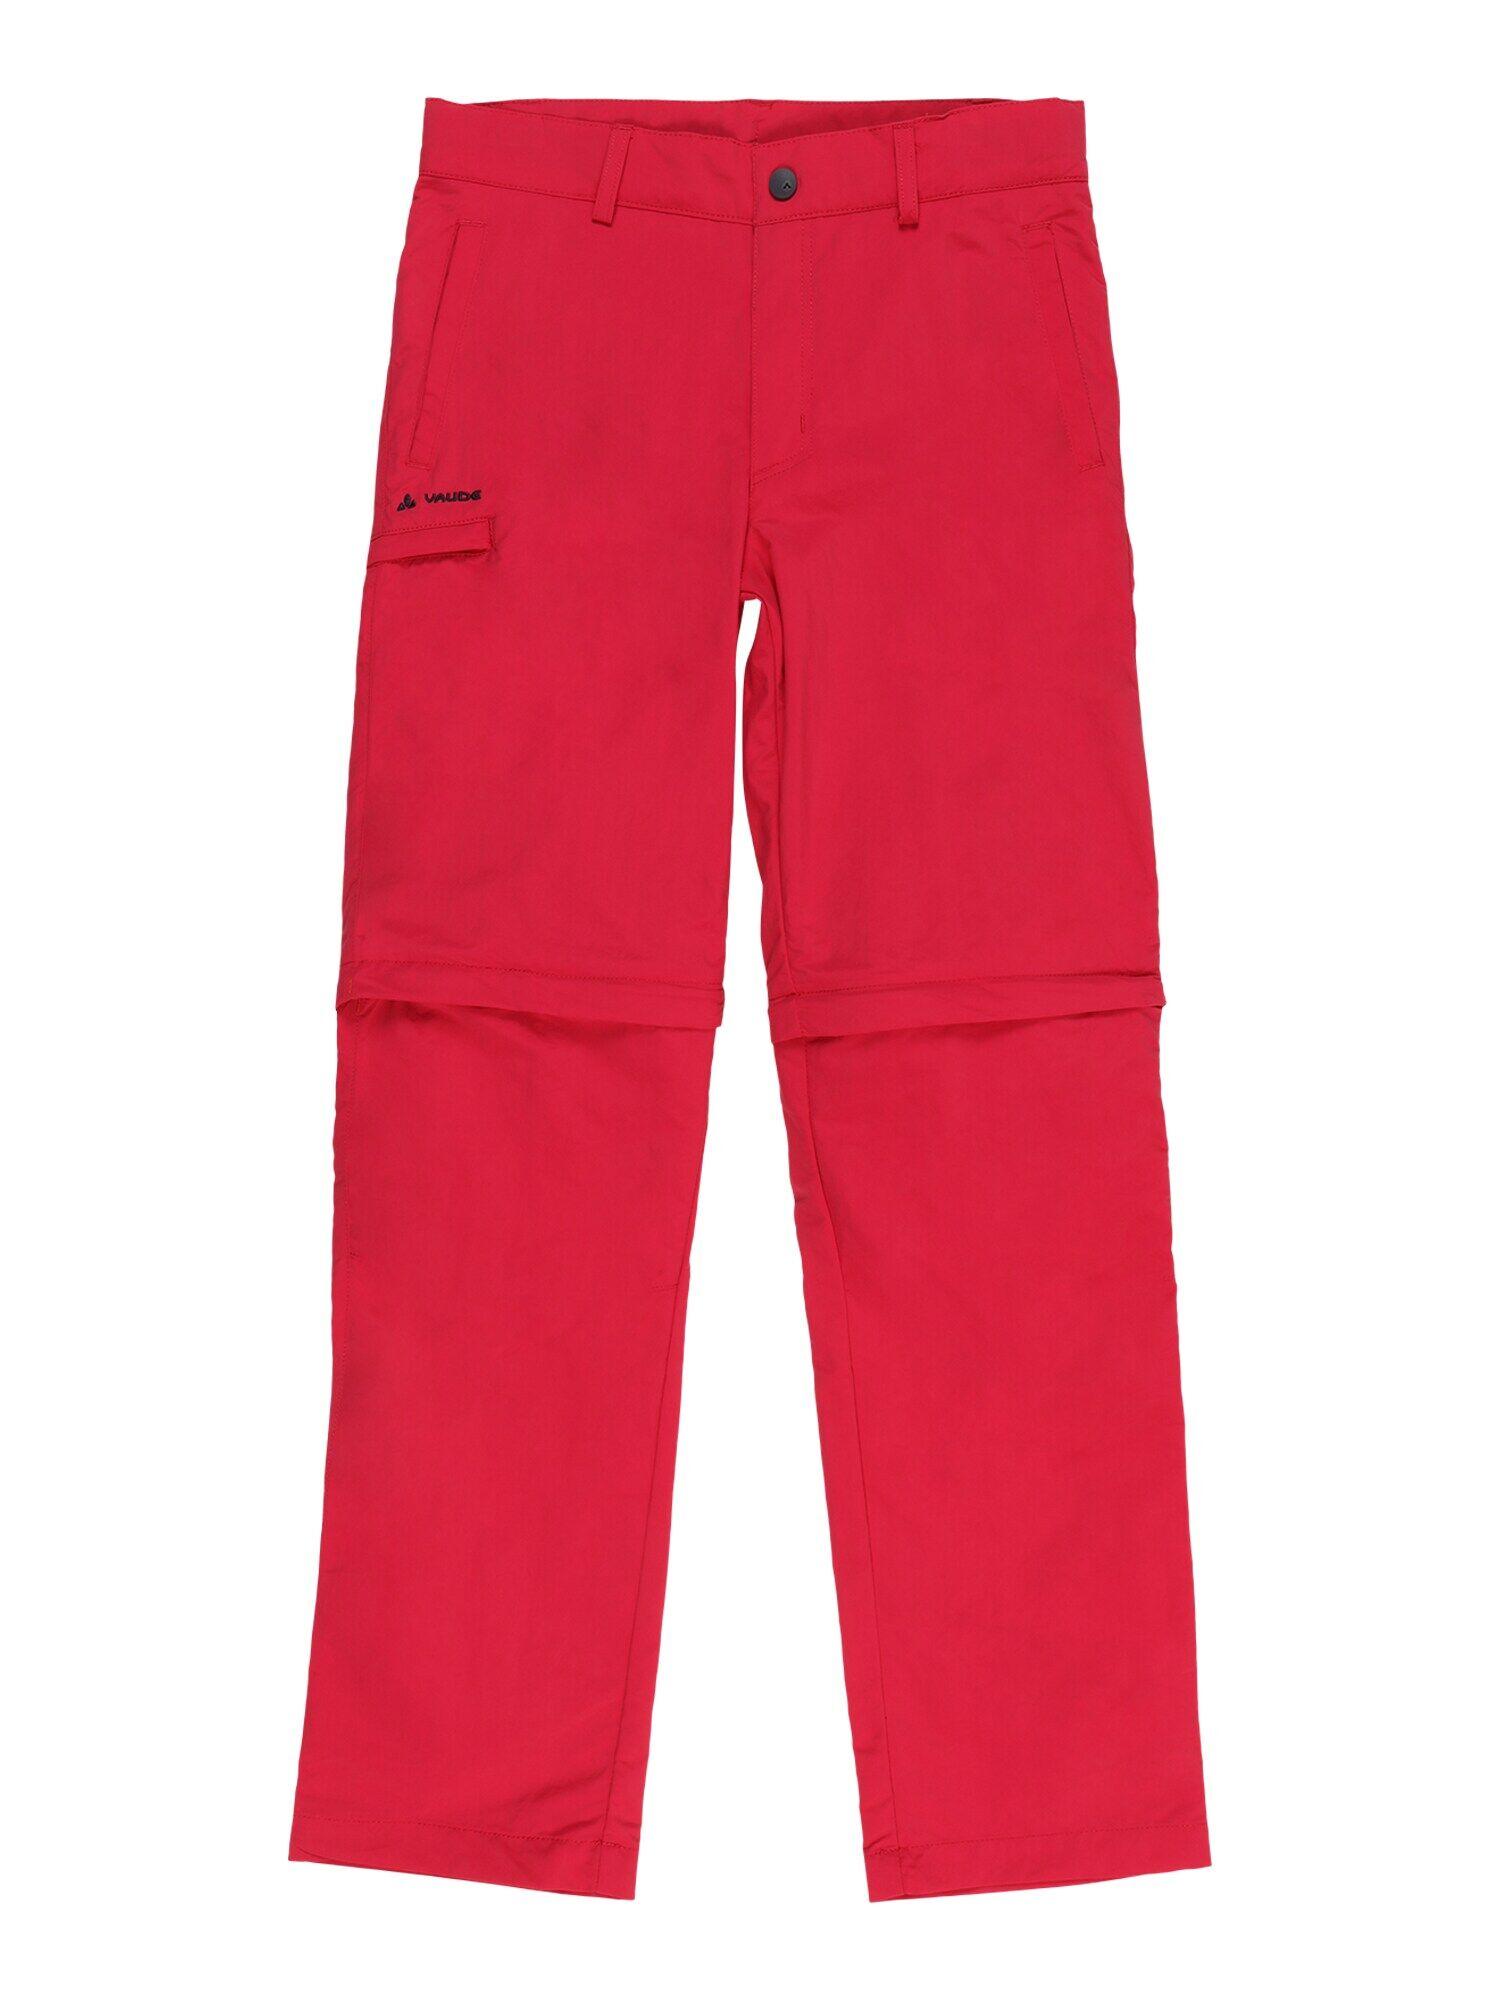 VAUDE Pantalon d'extérieur 'Detective'  - Rouge - Taille: 122-128 - boy